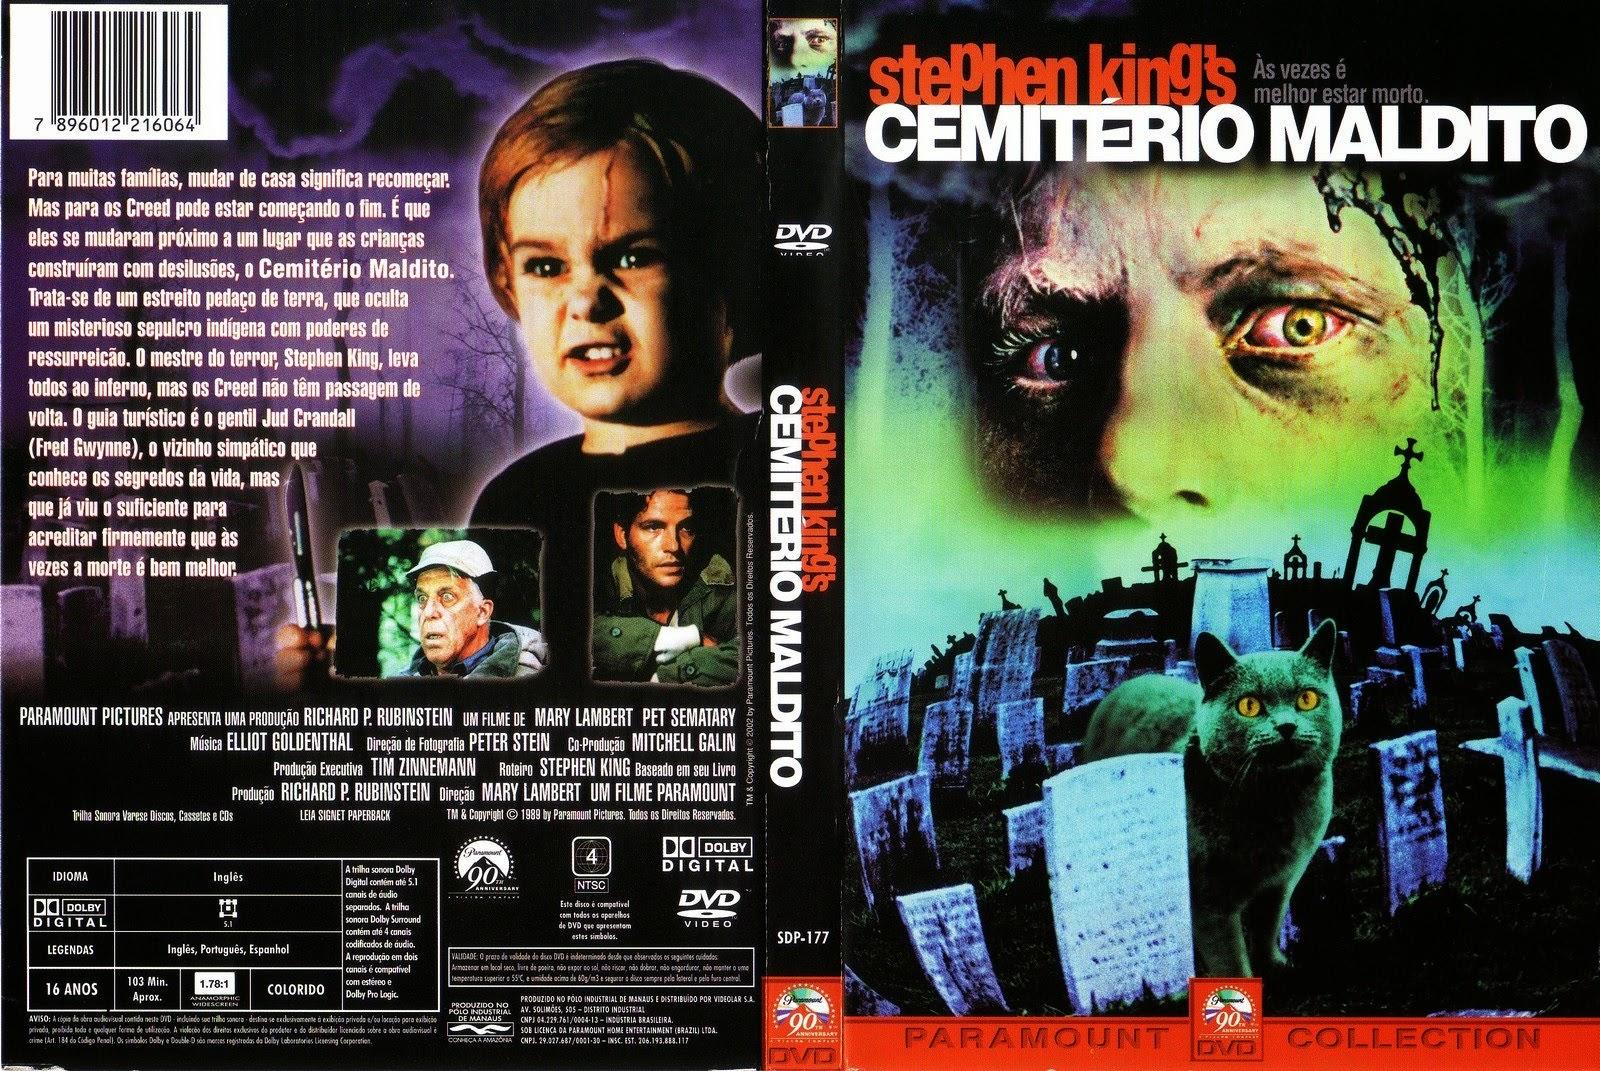 Filme Cemitério Maldito DVD Capa